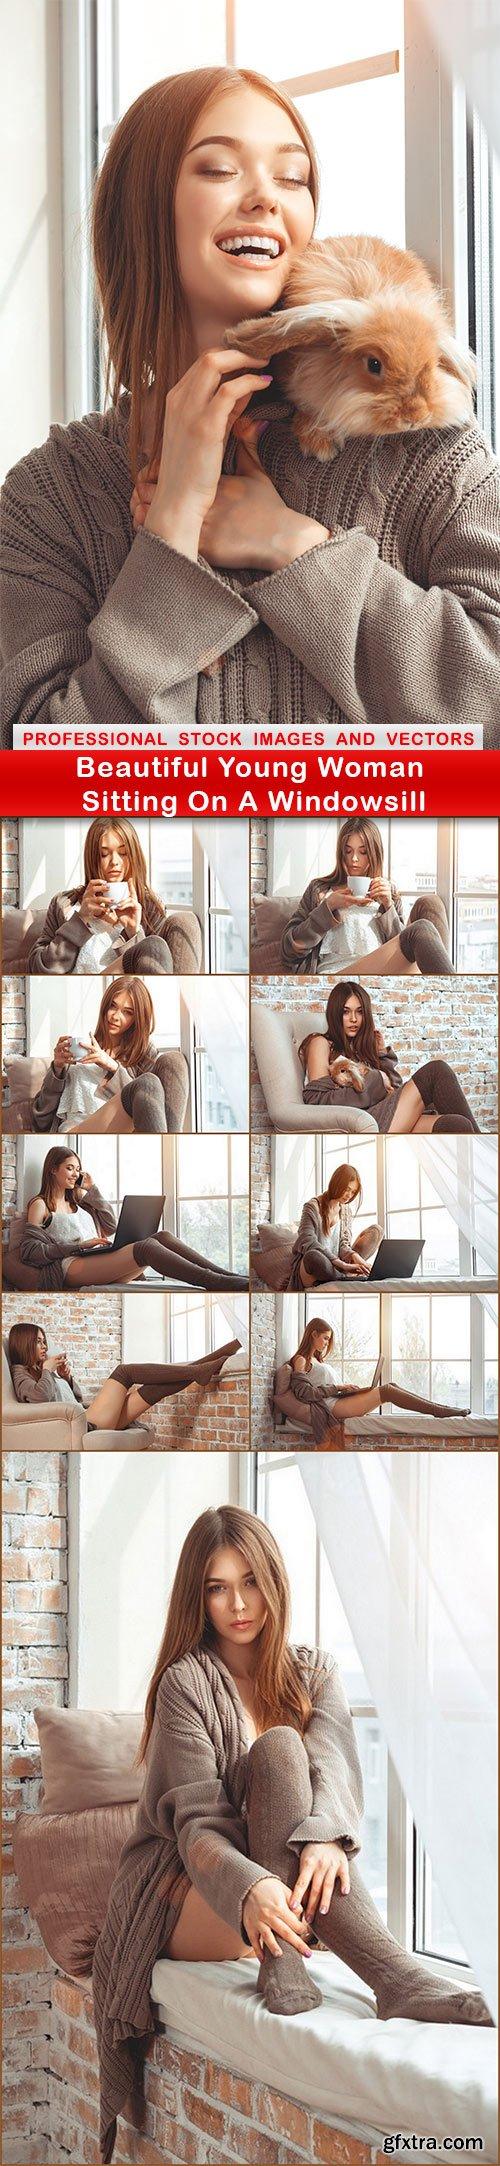 Beautiful Young Woman Sitting On A Windowsill - 10 UHQ JPEG